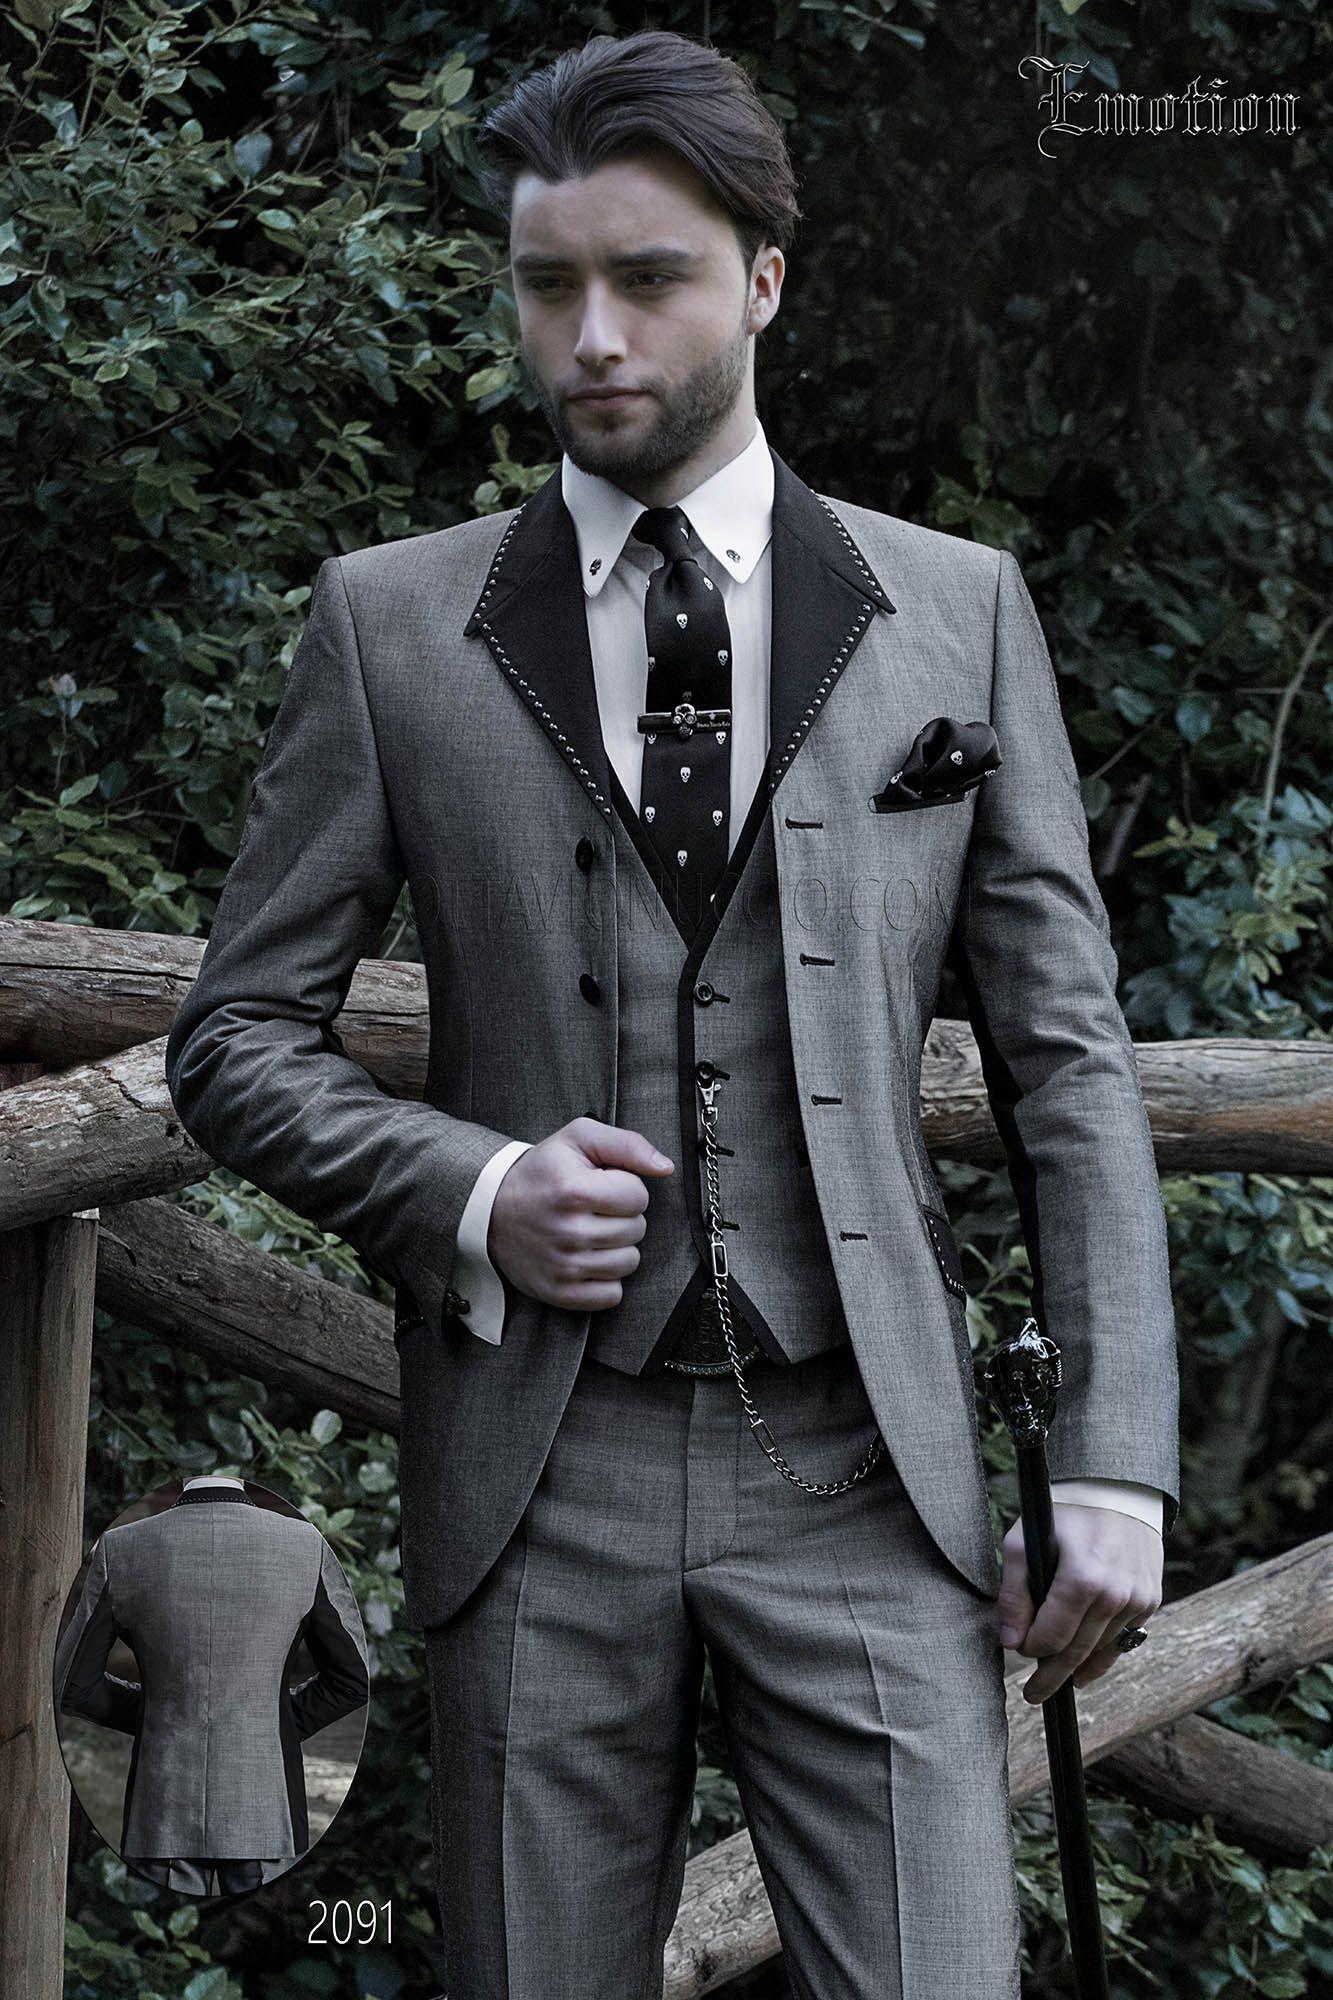 Hipster Matrimonio Uomo : Abito da sposo moderno grigio per uomo hipster. completo ongala 2091